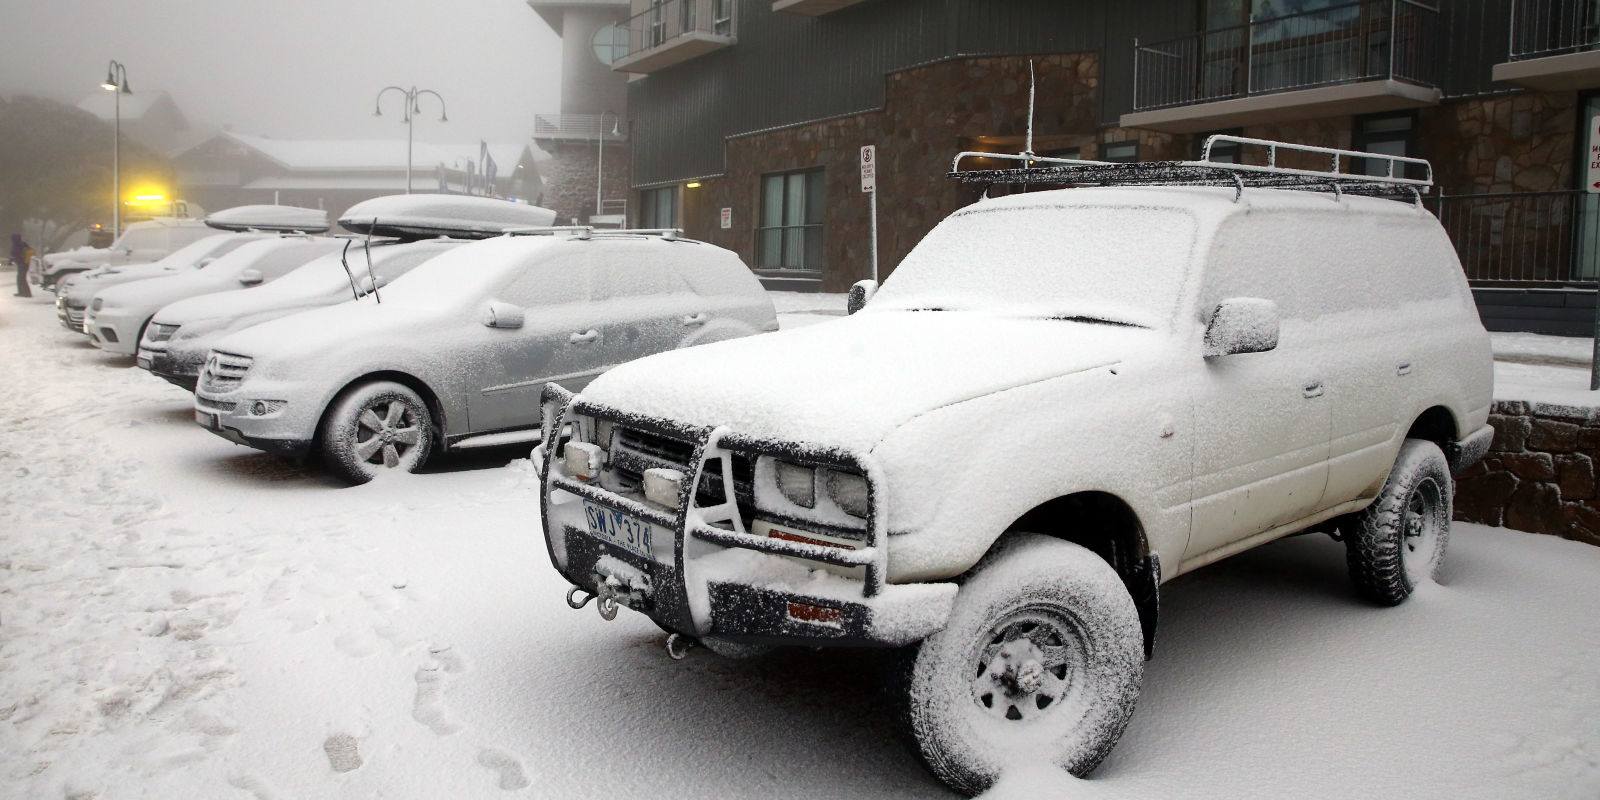 Jazdíš v mrazoch? Nikdy nepodceňuj dostatočné zahriatie motora!